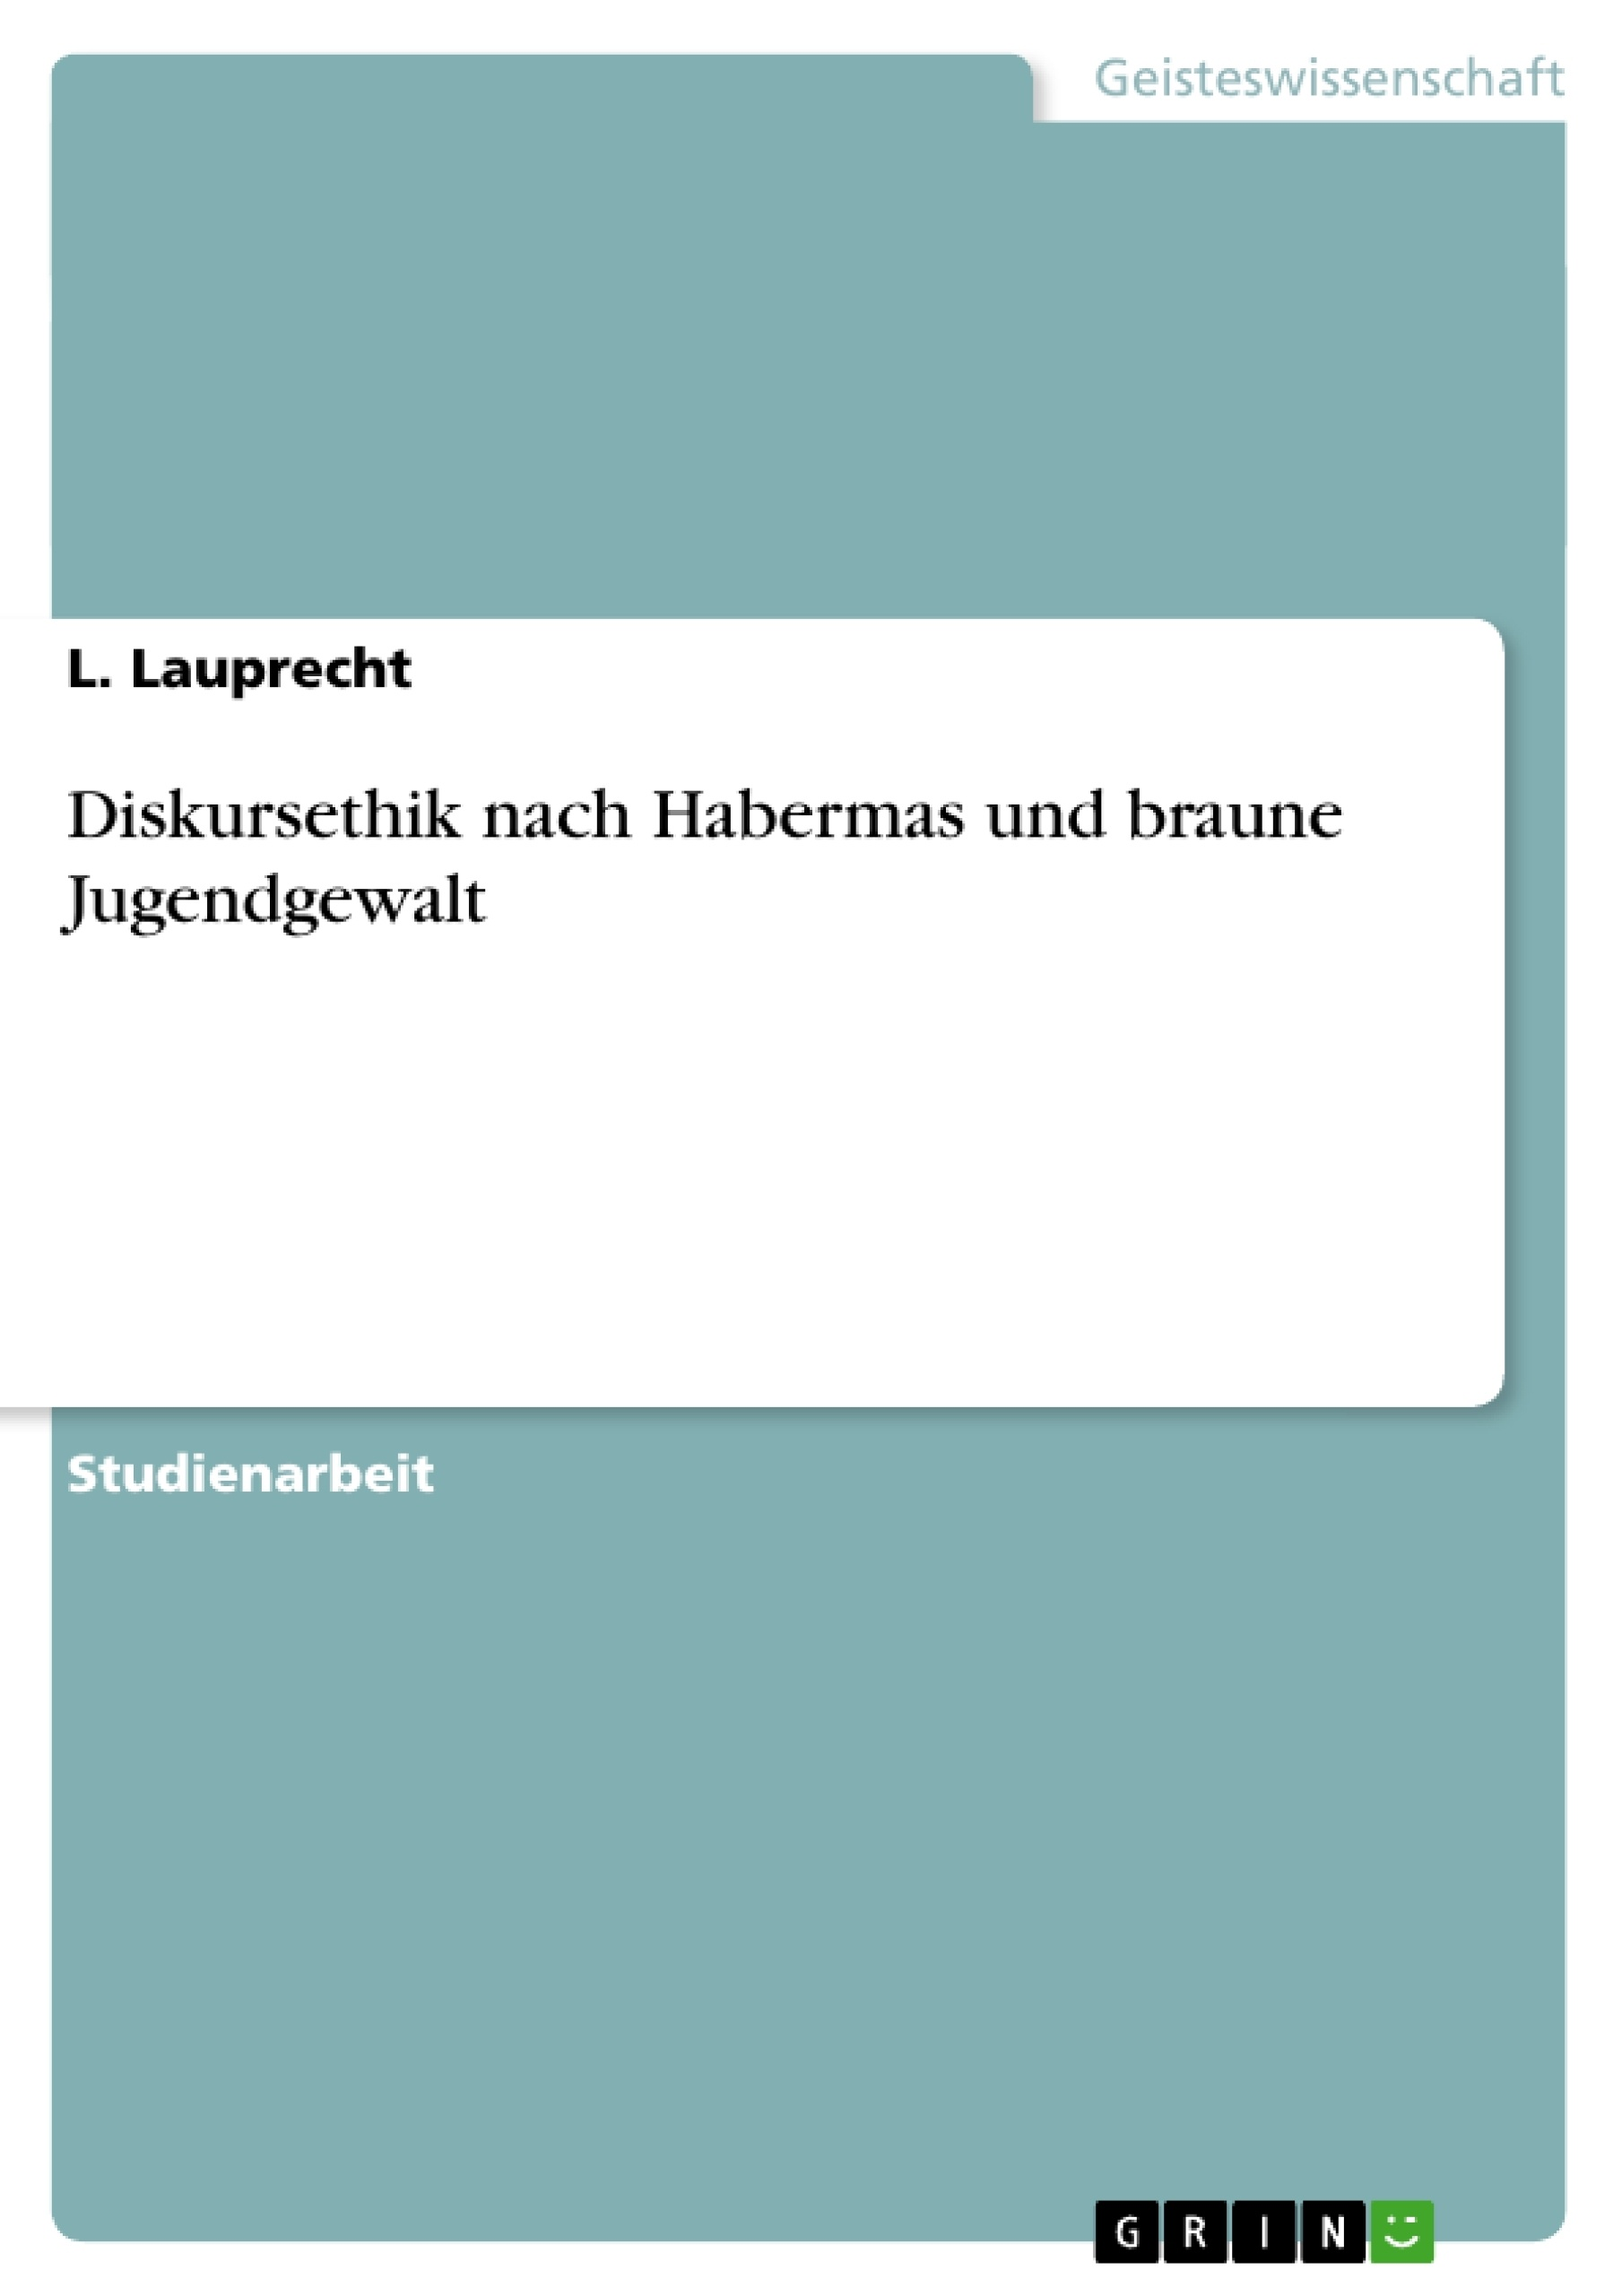 Titel: Diskursethik nach Habermas und braune Jugendgewalt